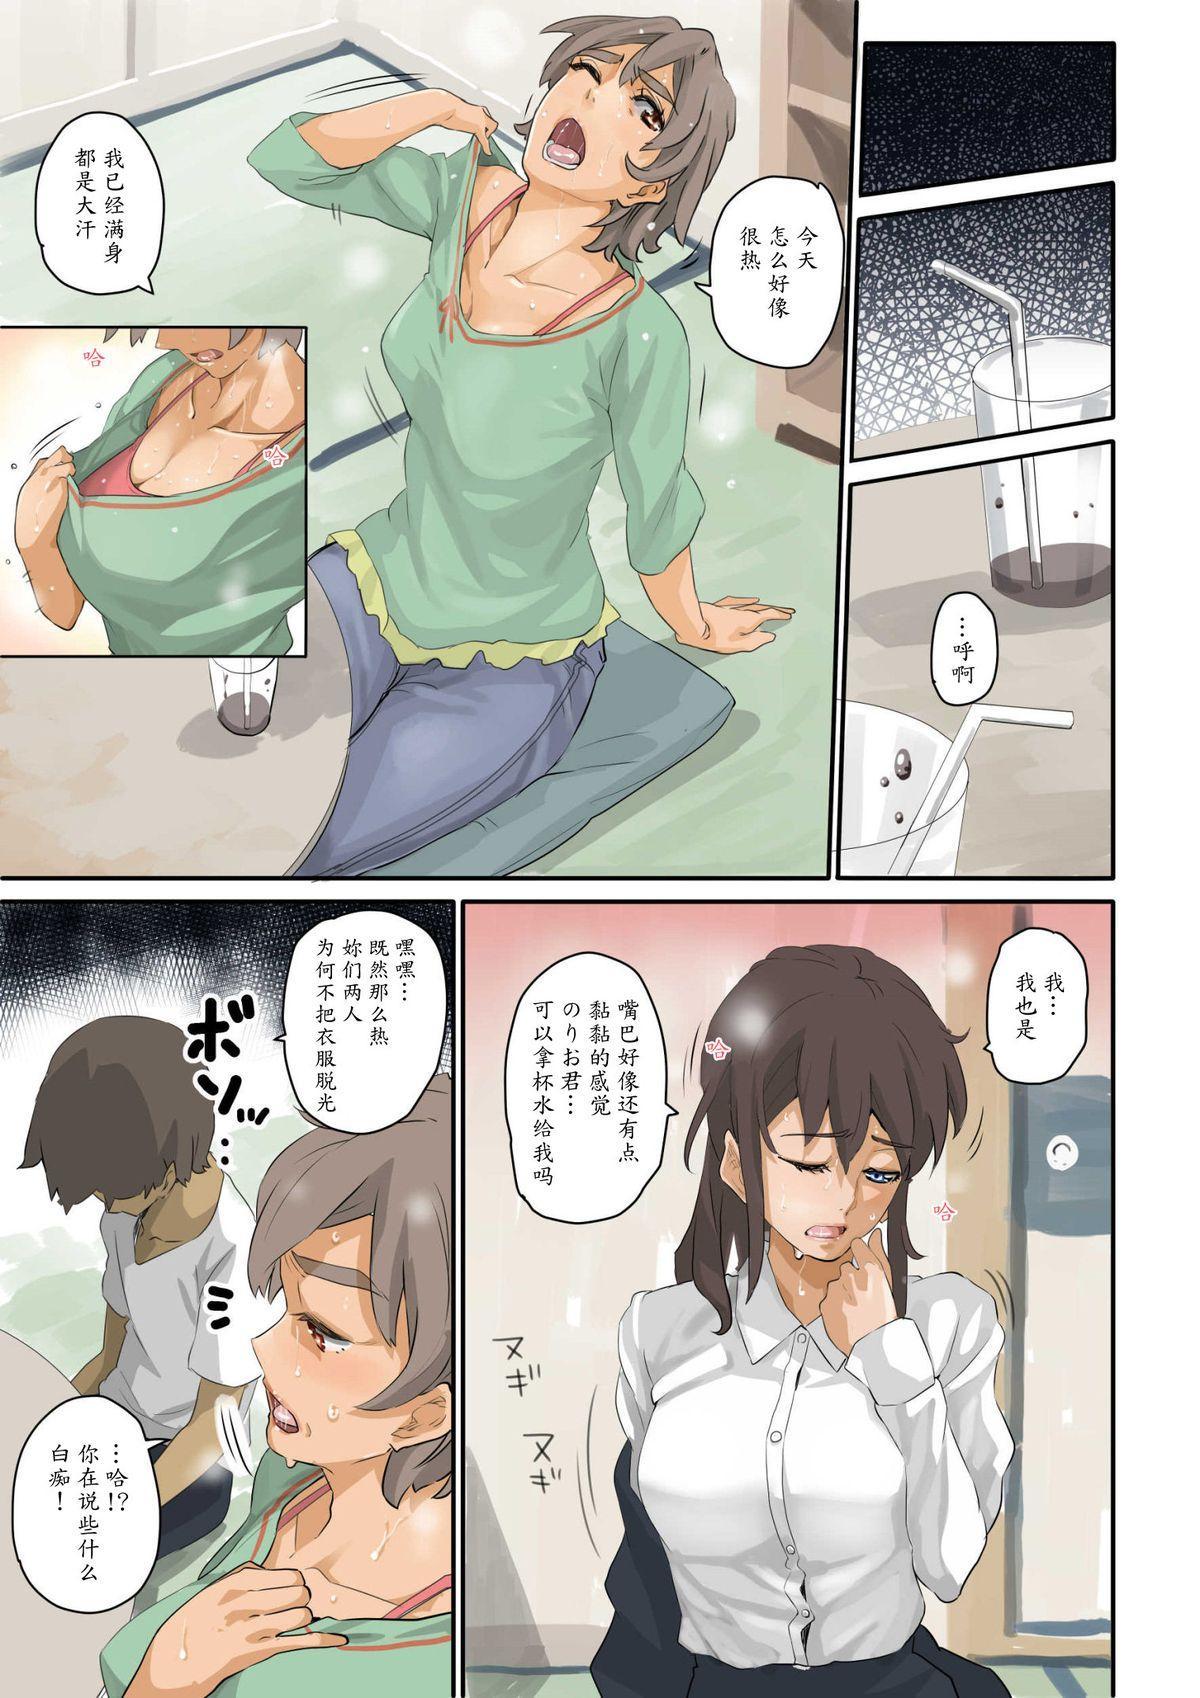 Nekura Shounen no Fukushuu Harem Choukyou Keikaku 13